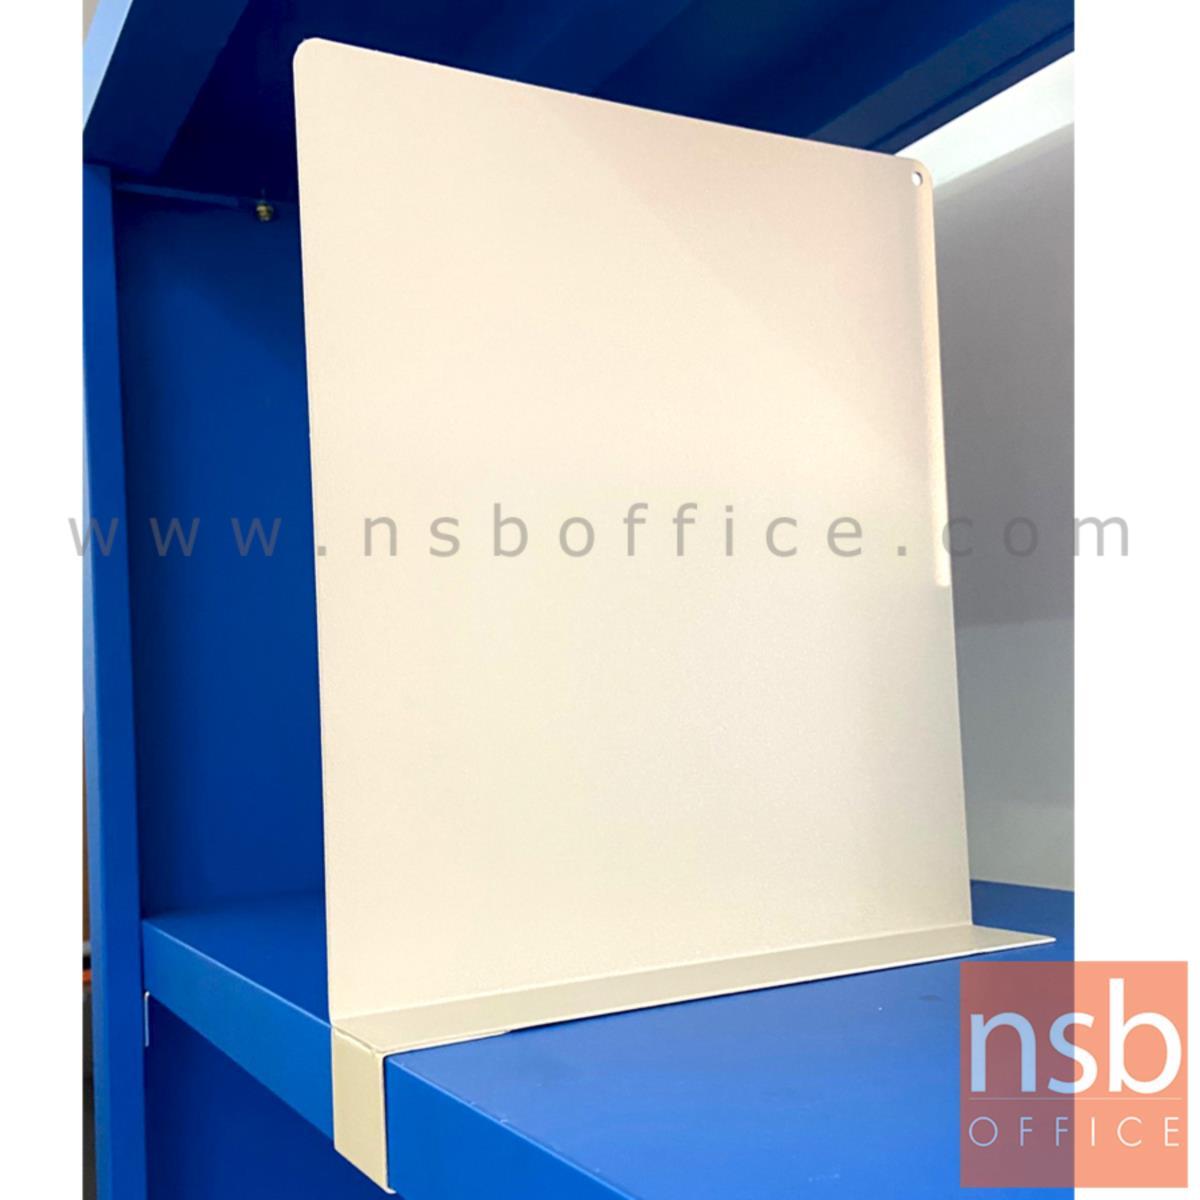 ชั้นเหล็กอเนกประสงค์ 4 ช่อง รุ่น NIGIRI (นิกิริ)  90W*180H cm.